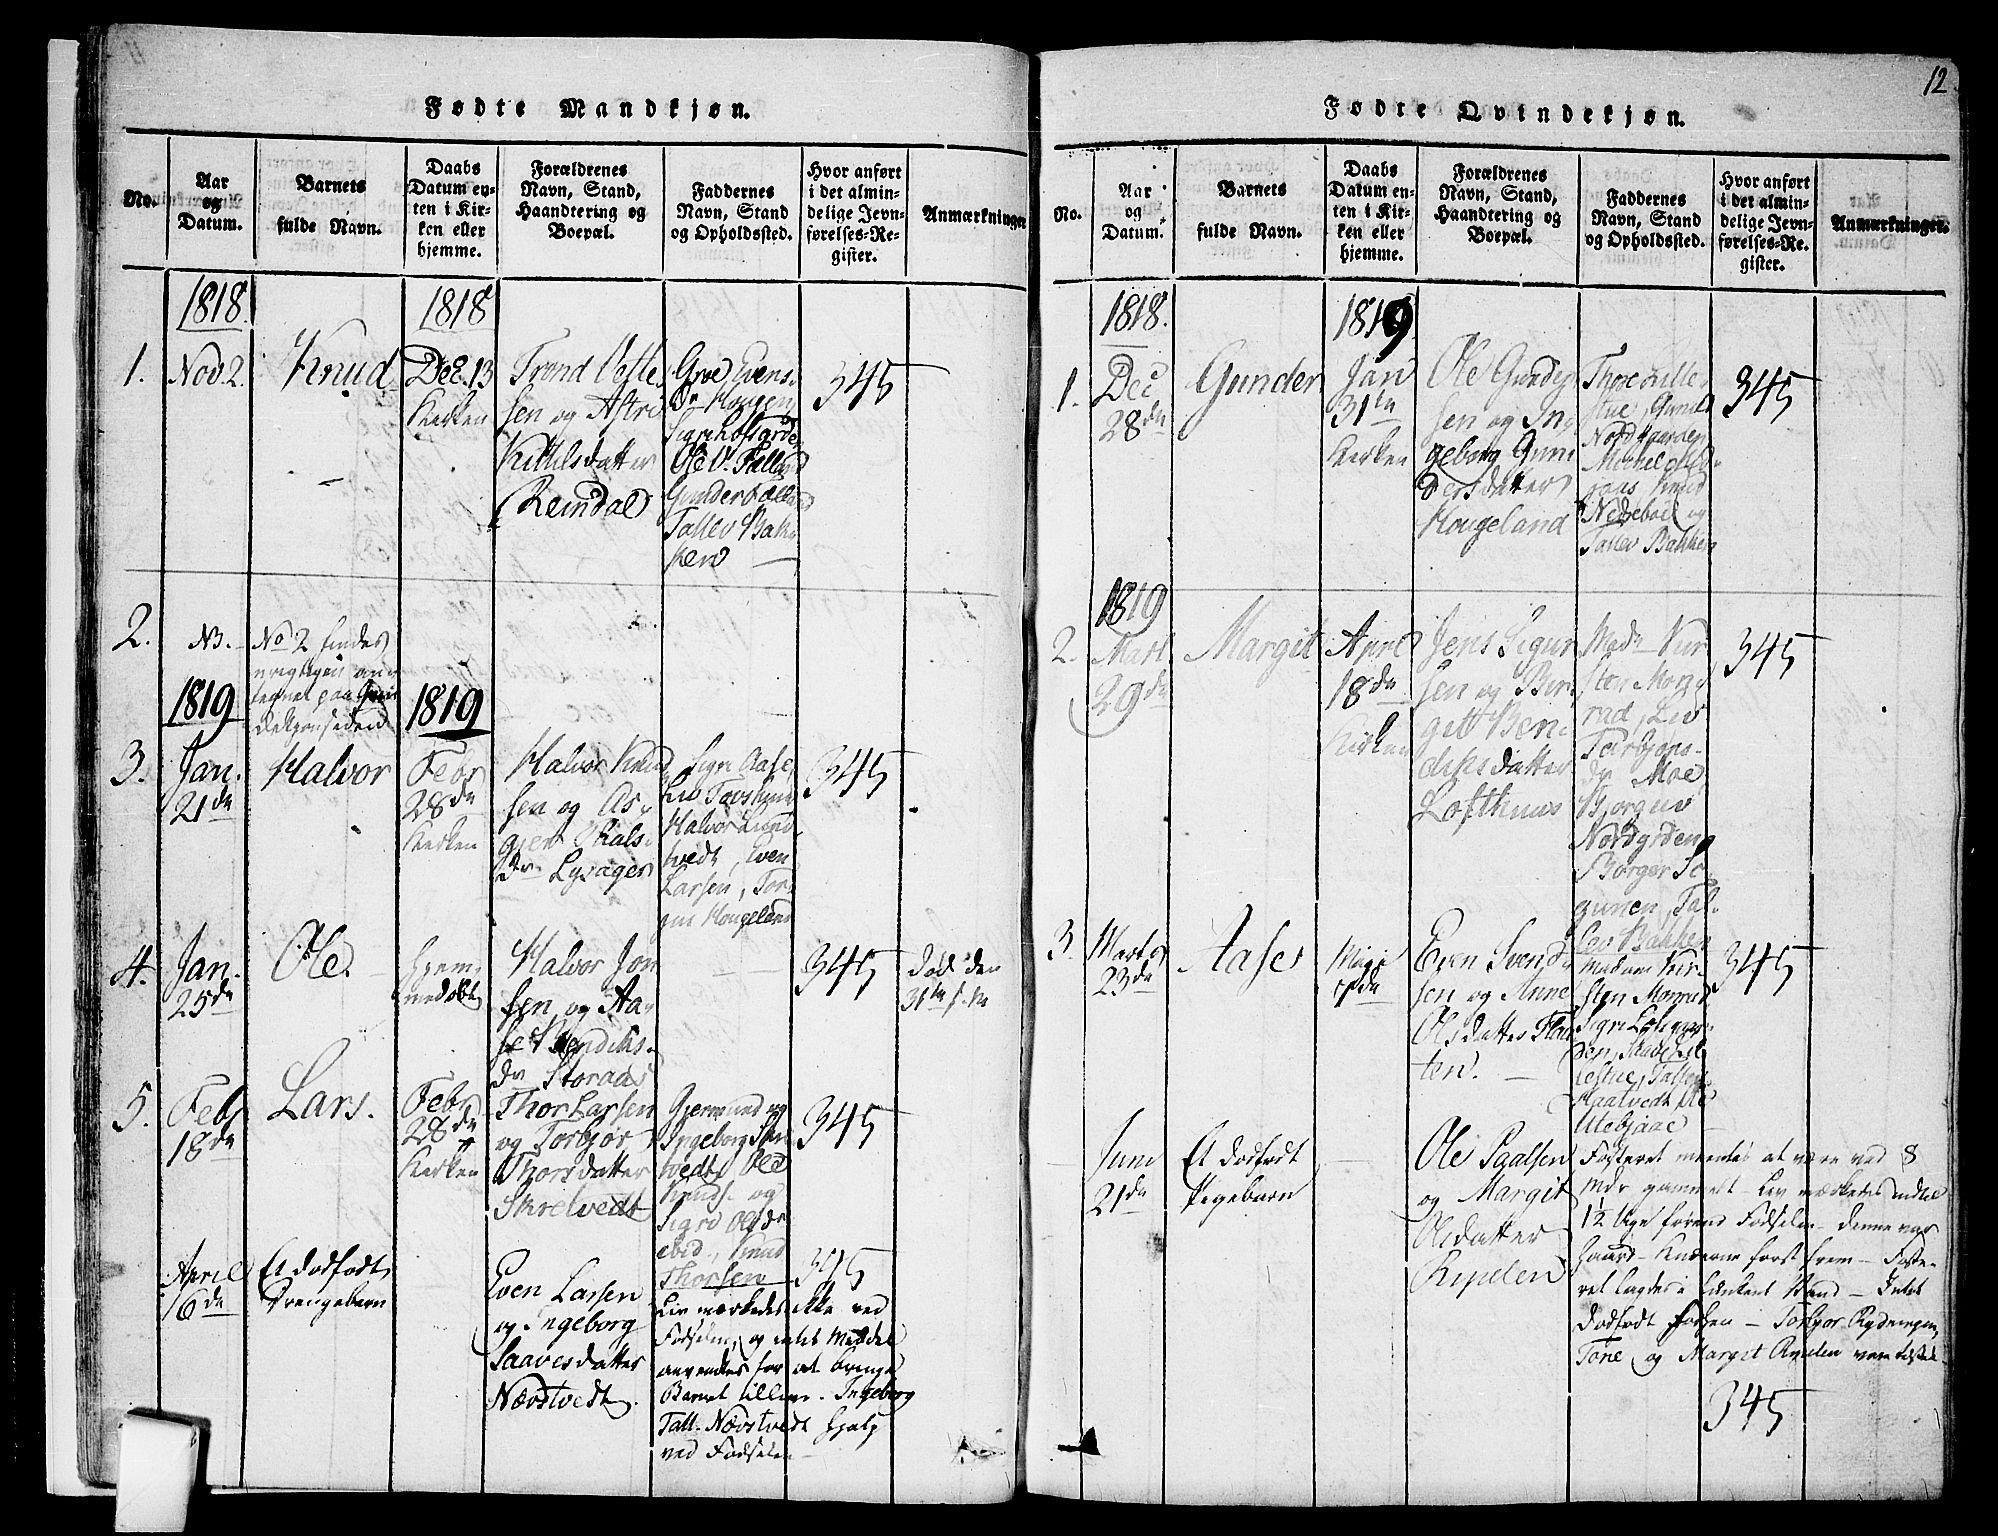 SAKO, Mo kirkebøker, F/Fa/L0004: Ministerialbok nr. I 4, 1814-1844, s. 12